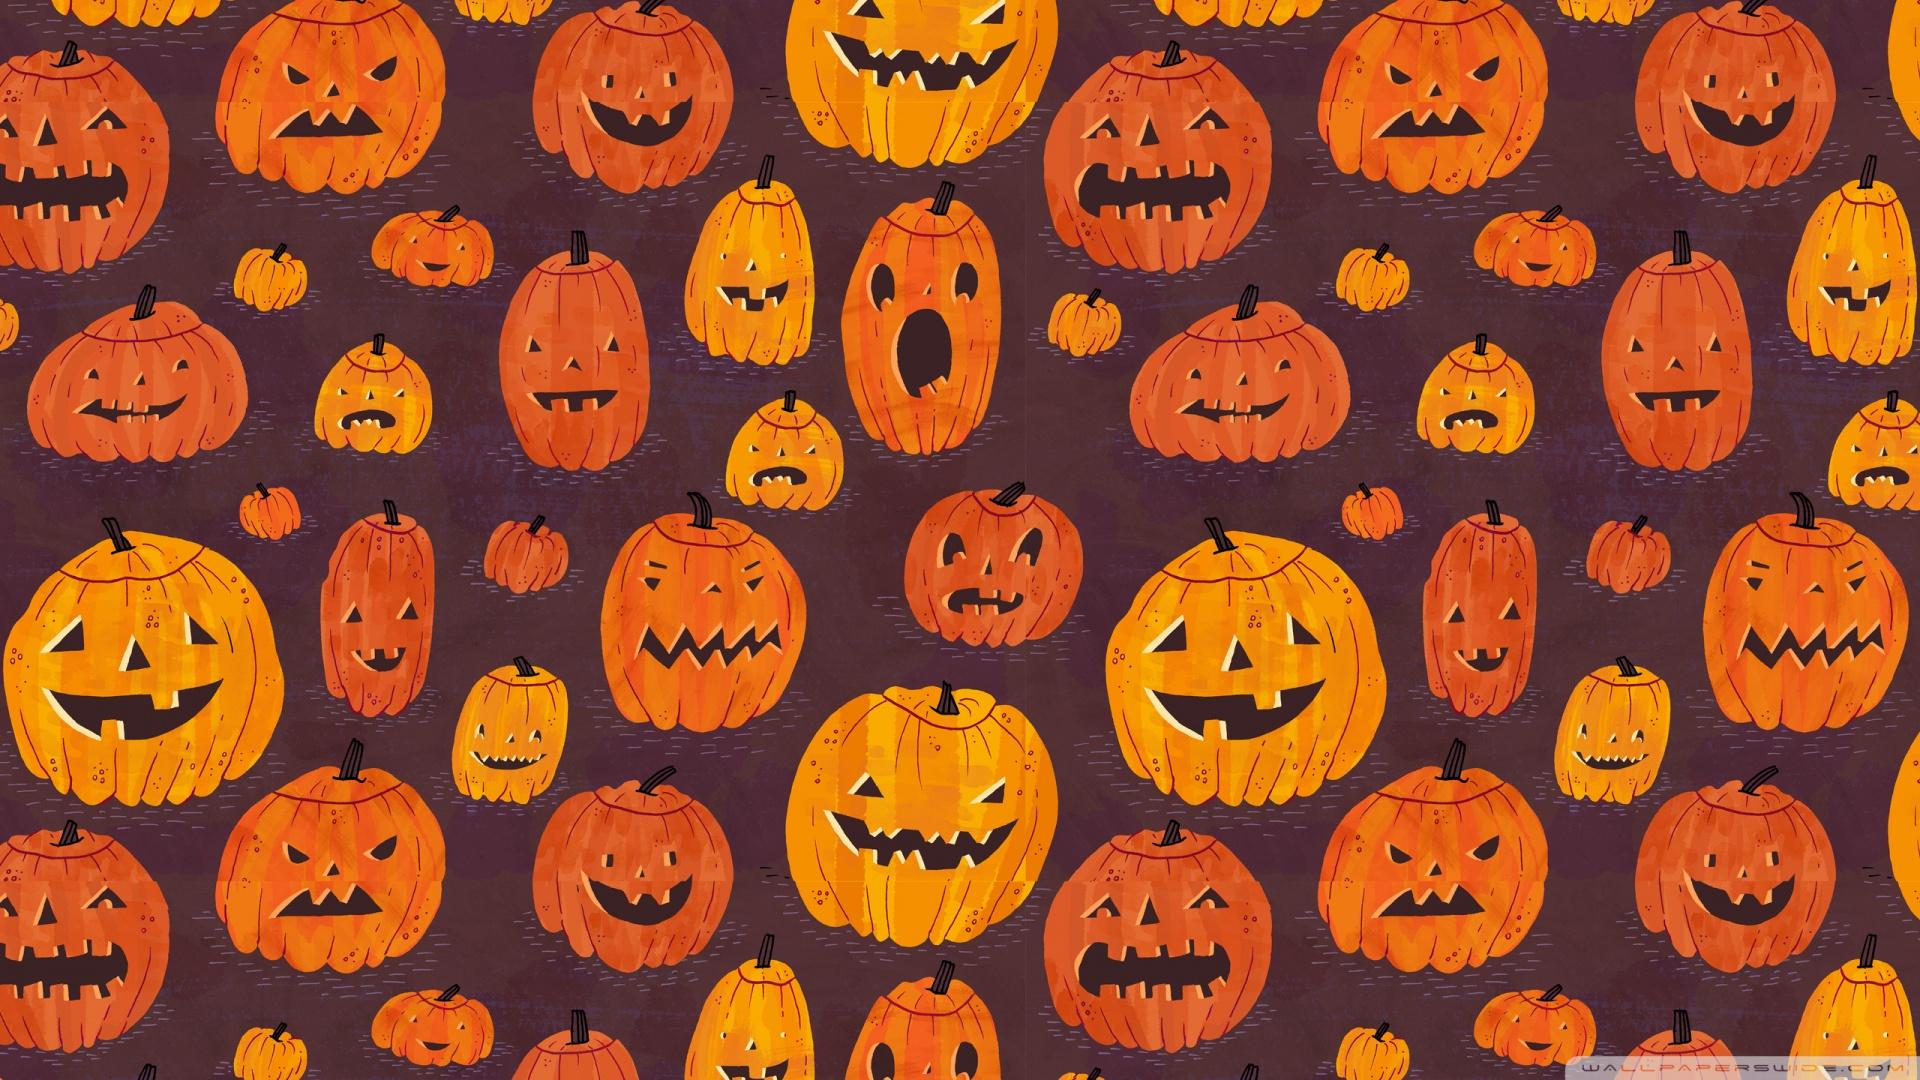 Halloween Pictures For Desktop wallpaper 1920x1080